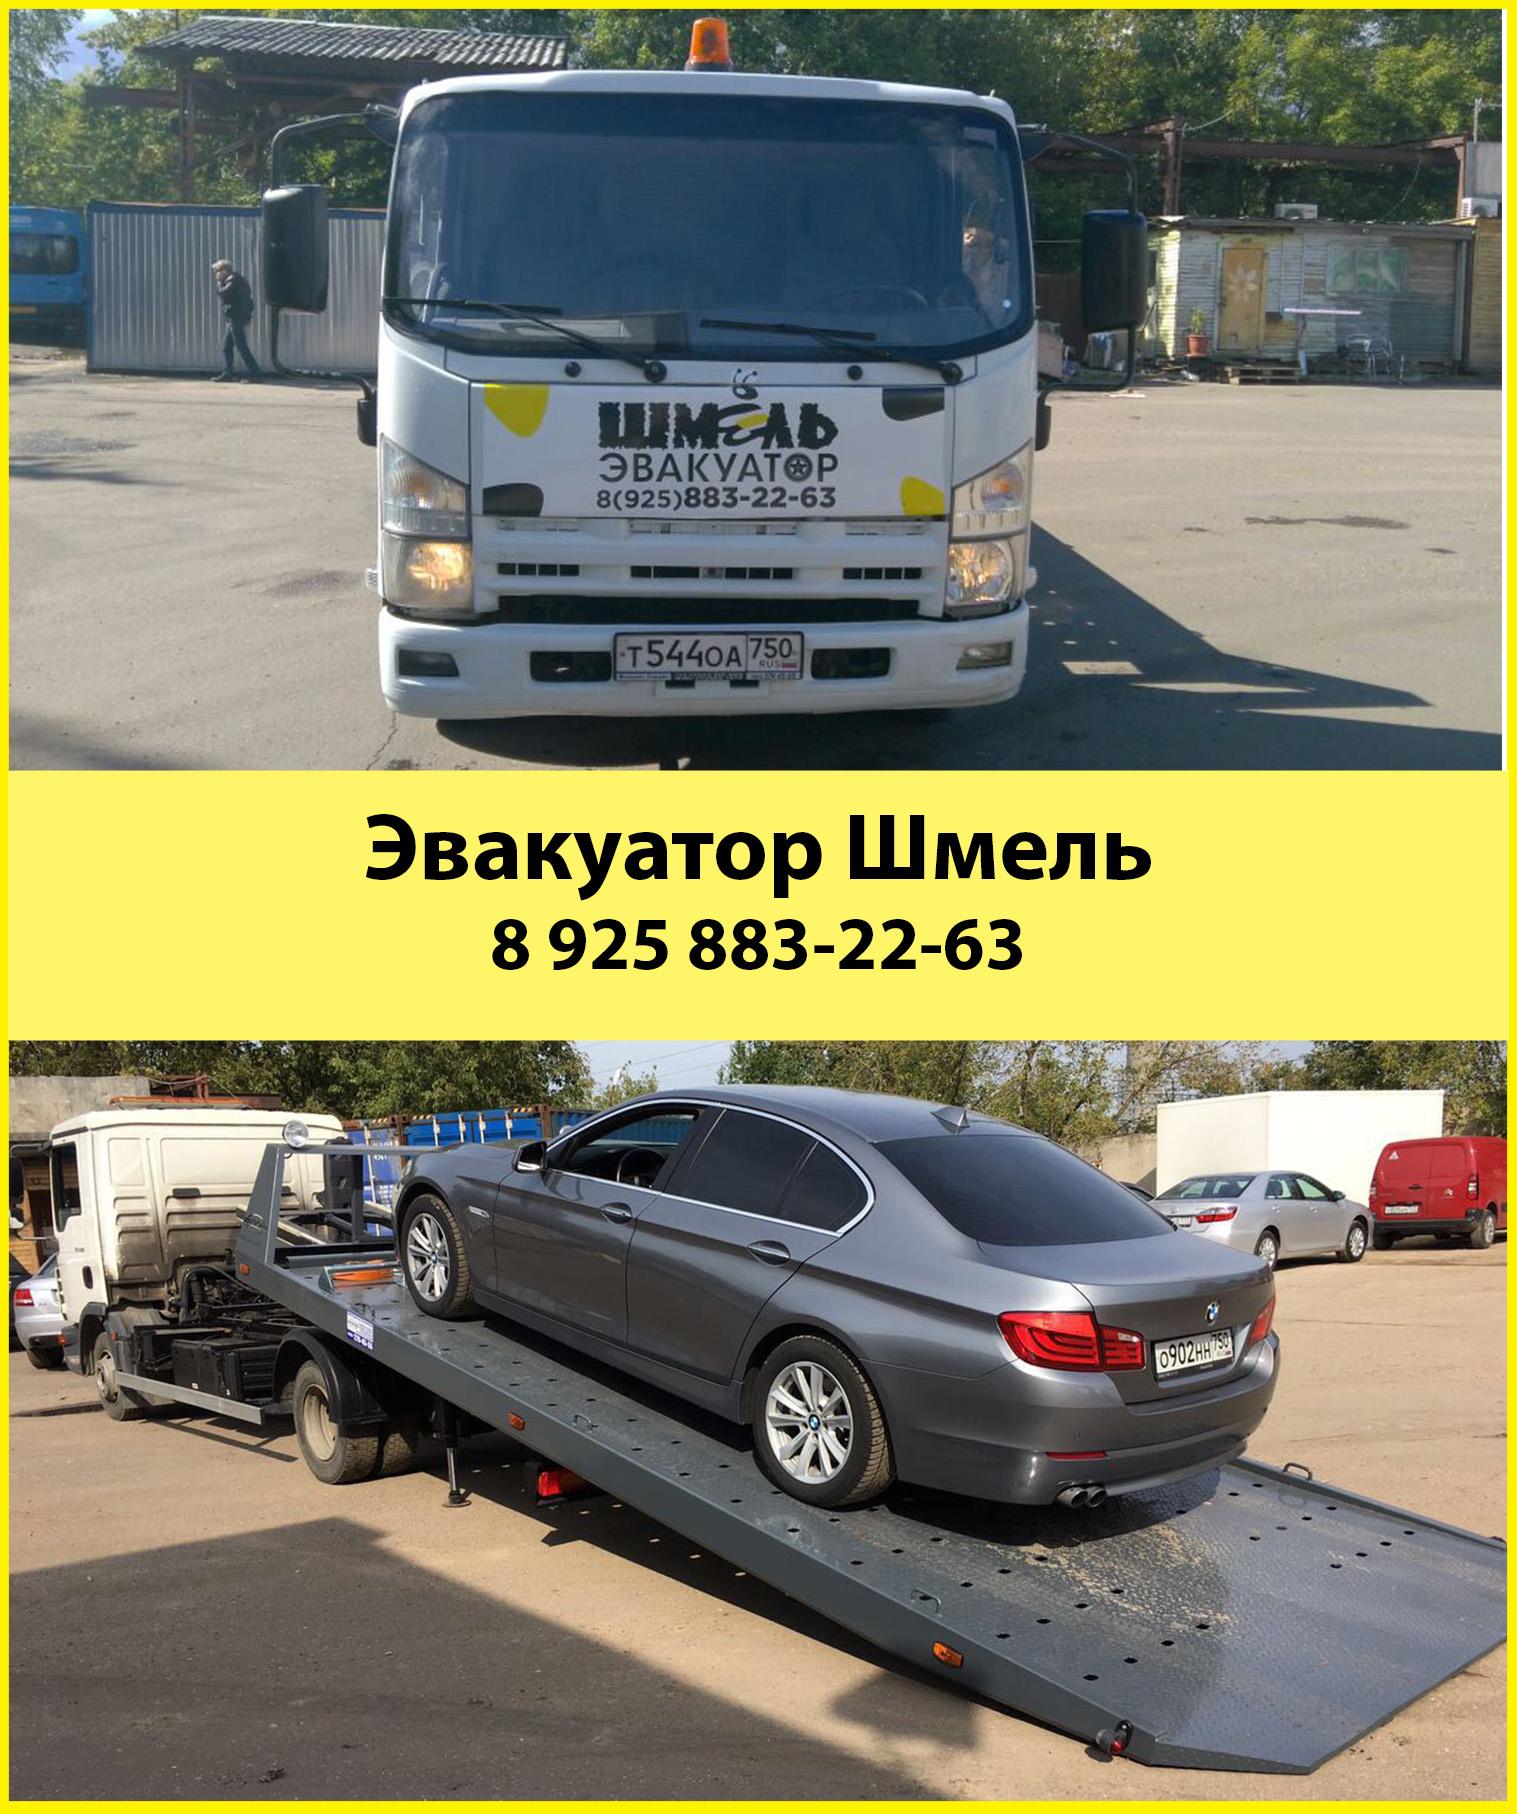 фото эвакуатора в Щелково